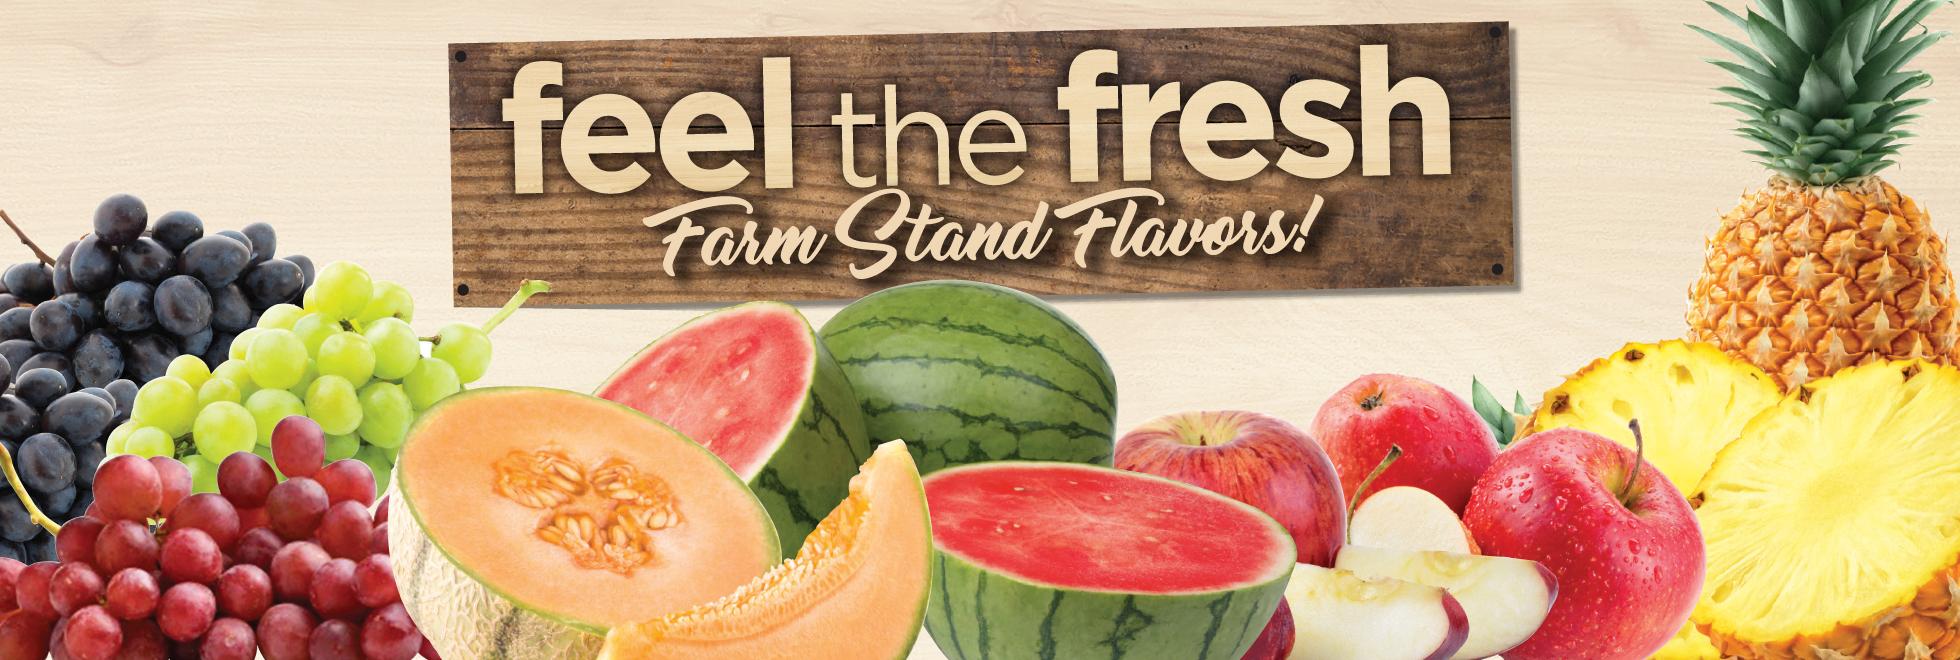 Feel the Fresh